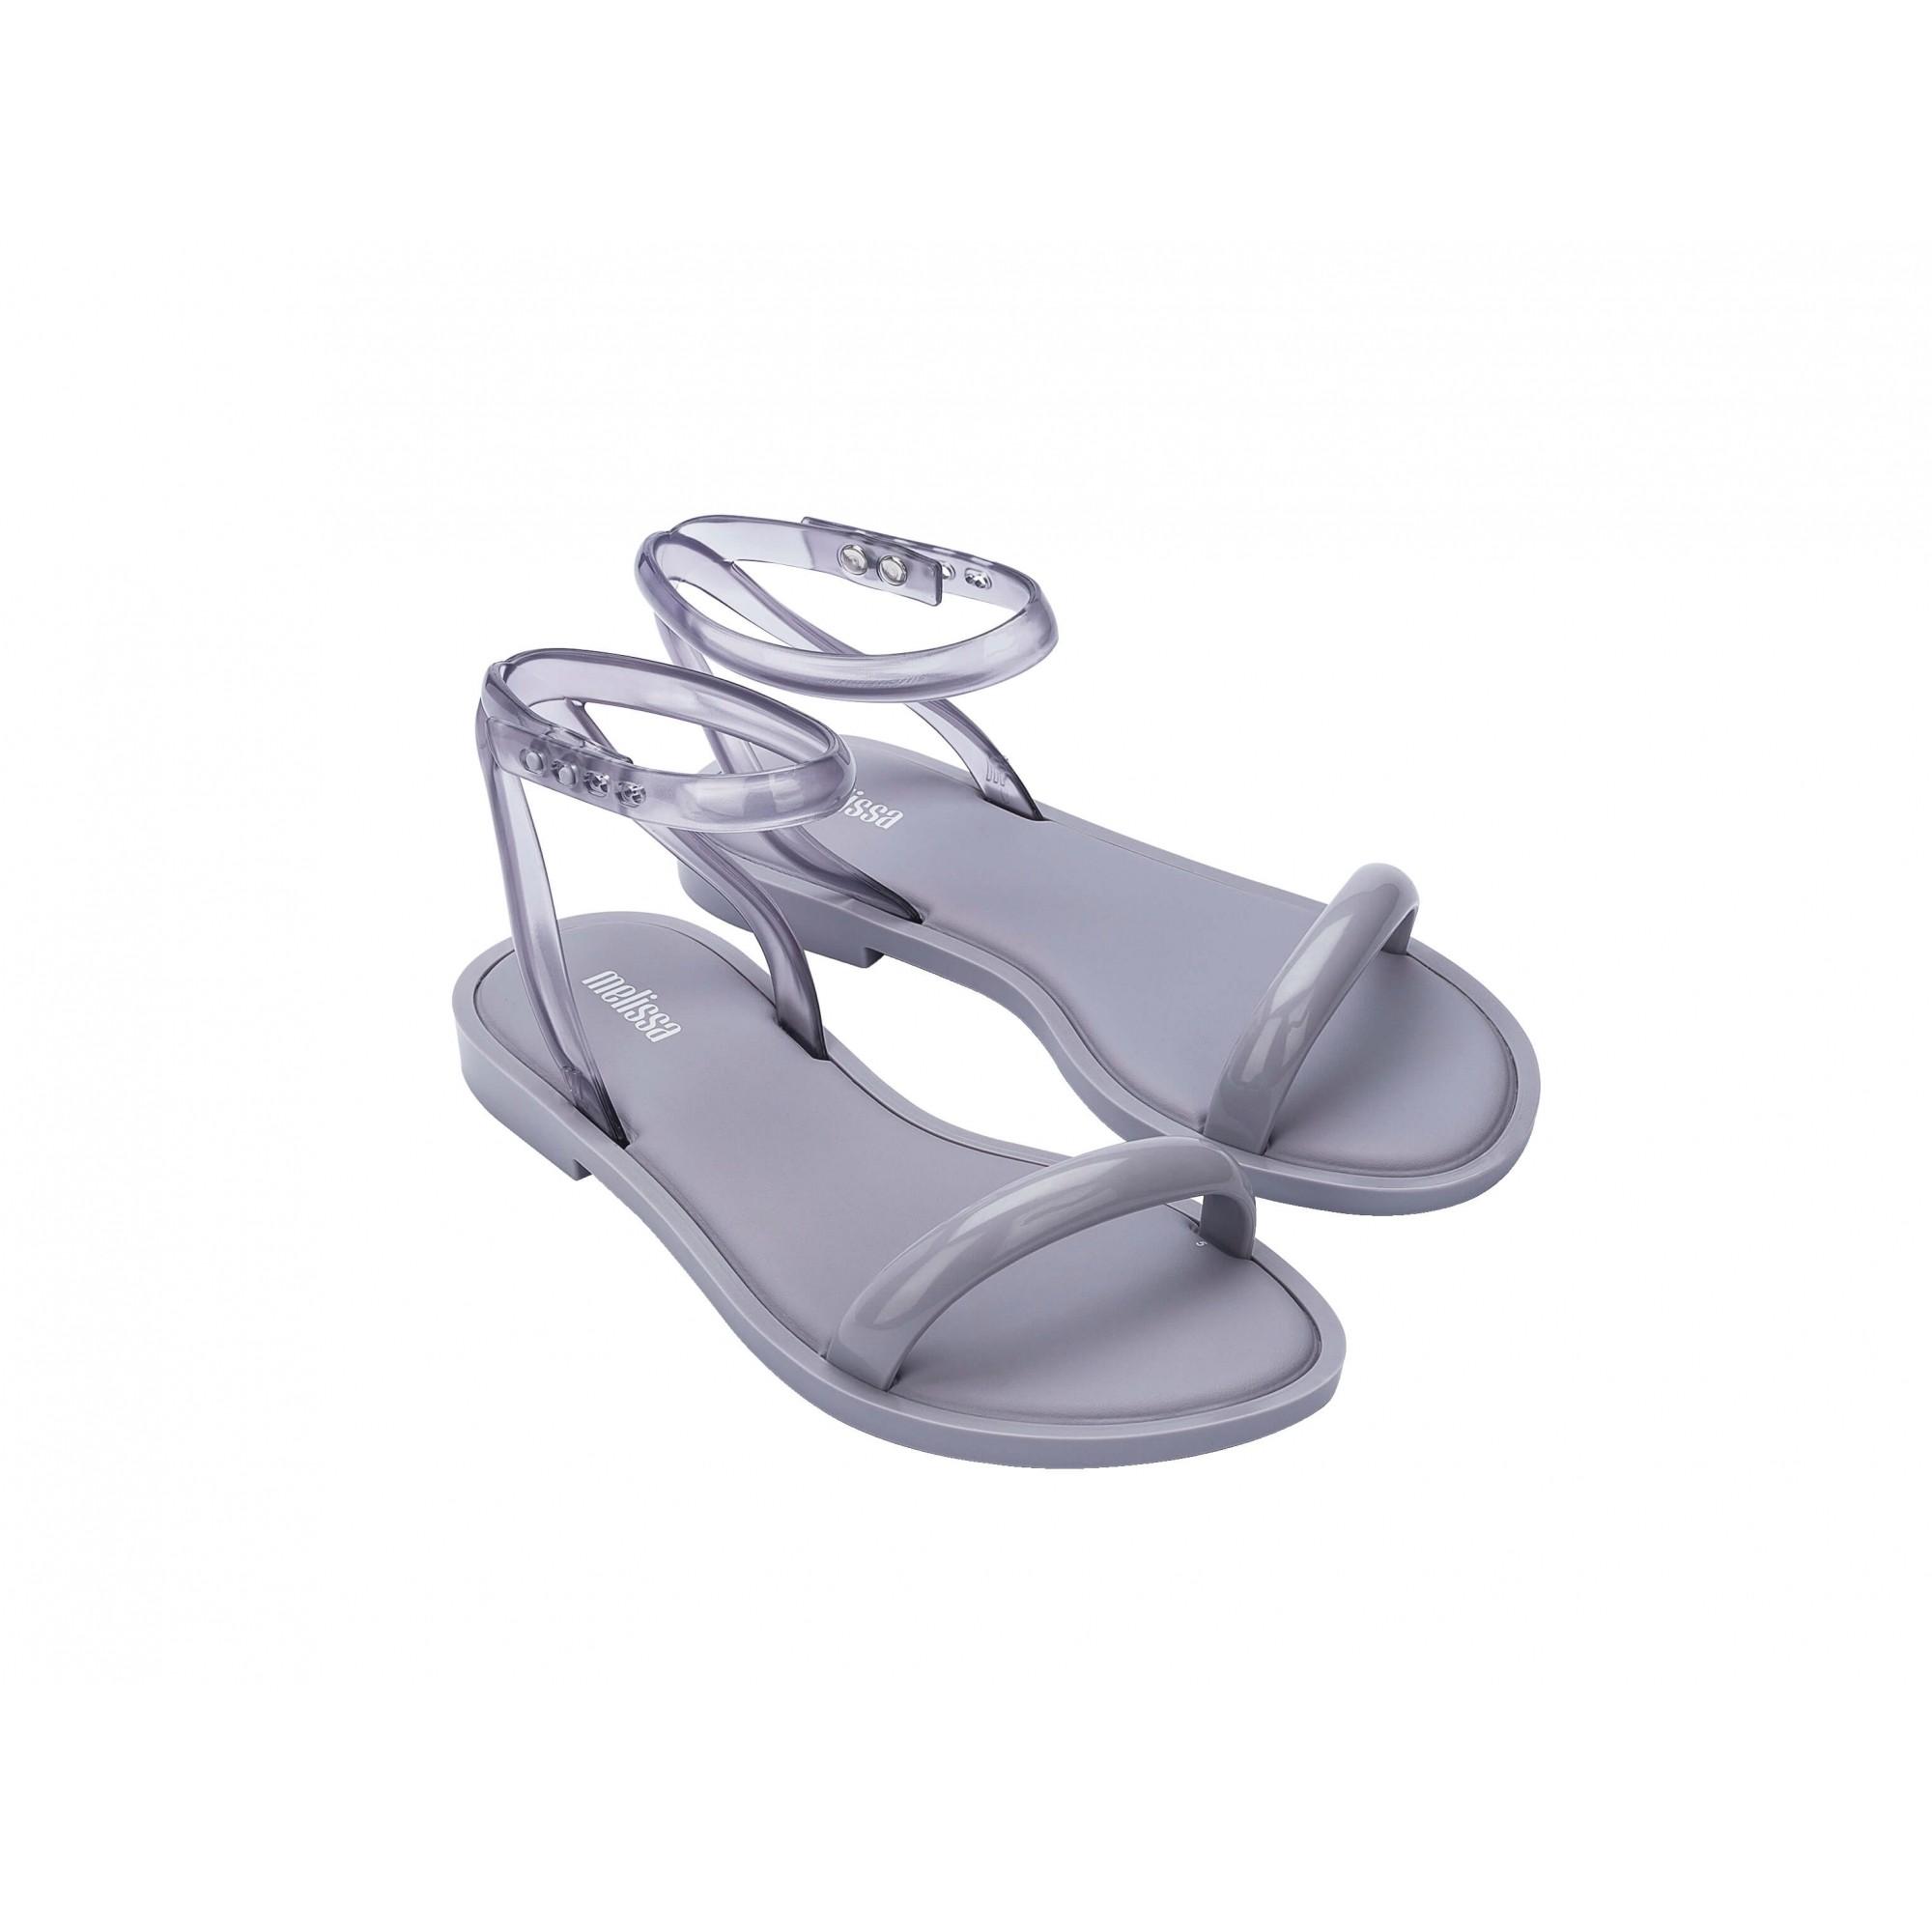 Melissa Wave Sandal  - Choque Concept